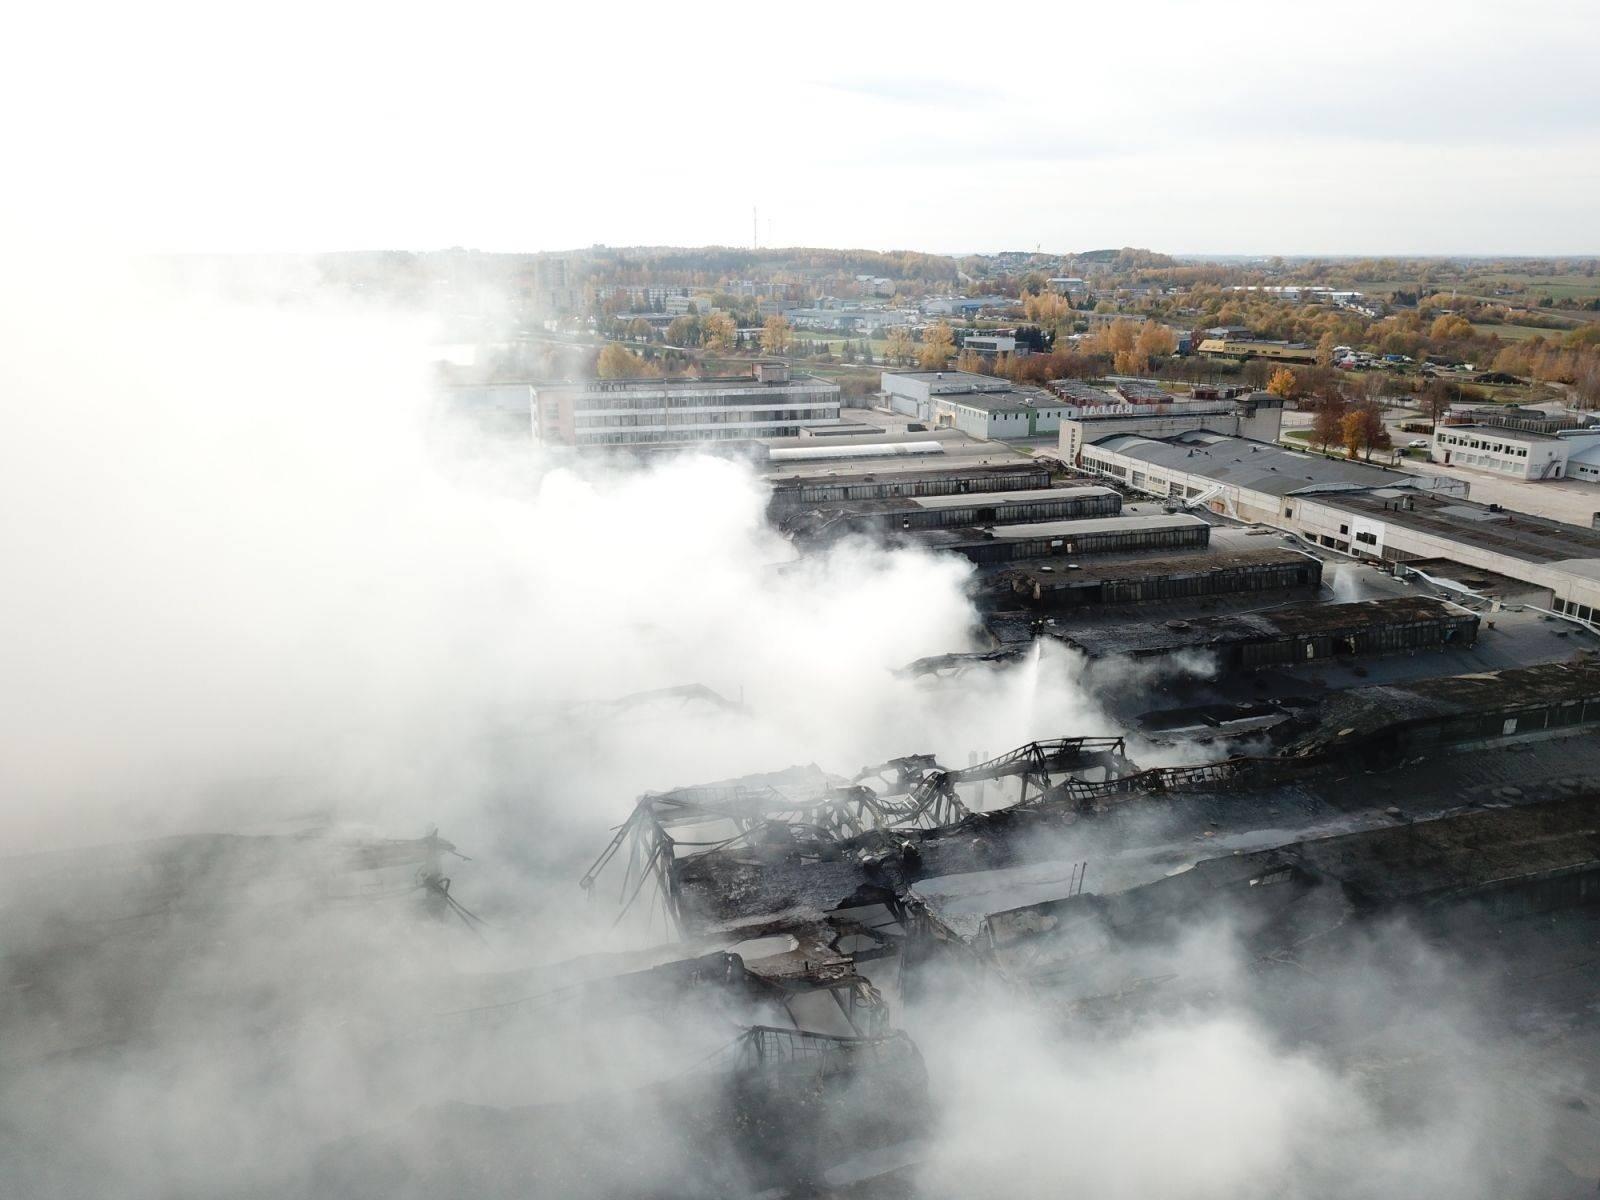 Prokuroras: Alytaus savivaldybė nevykdė kontrolės, galėjusios padėti išvengti gaisro